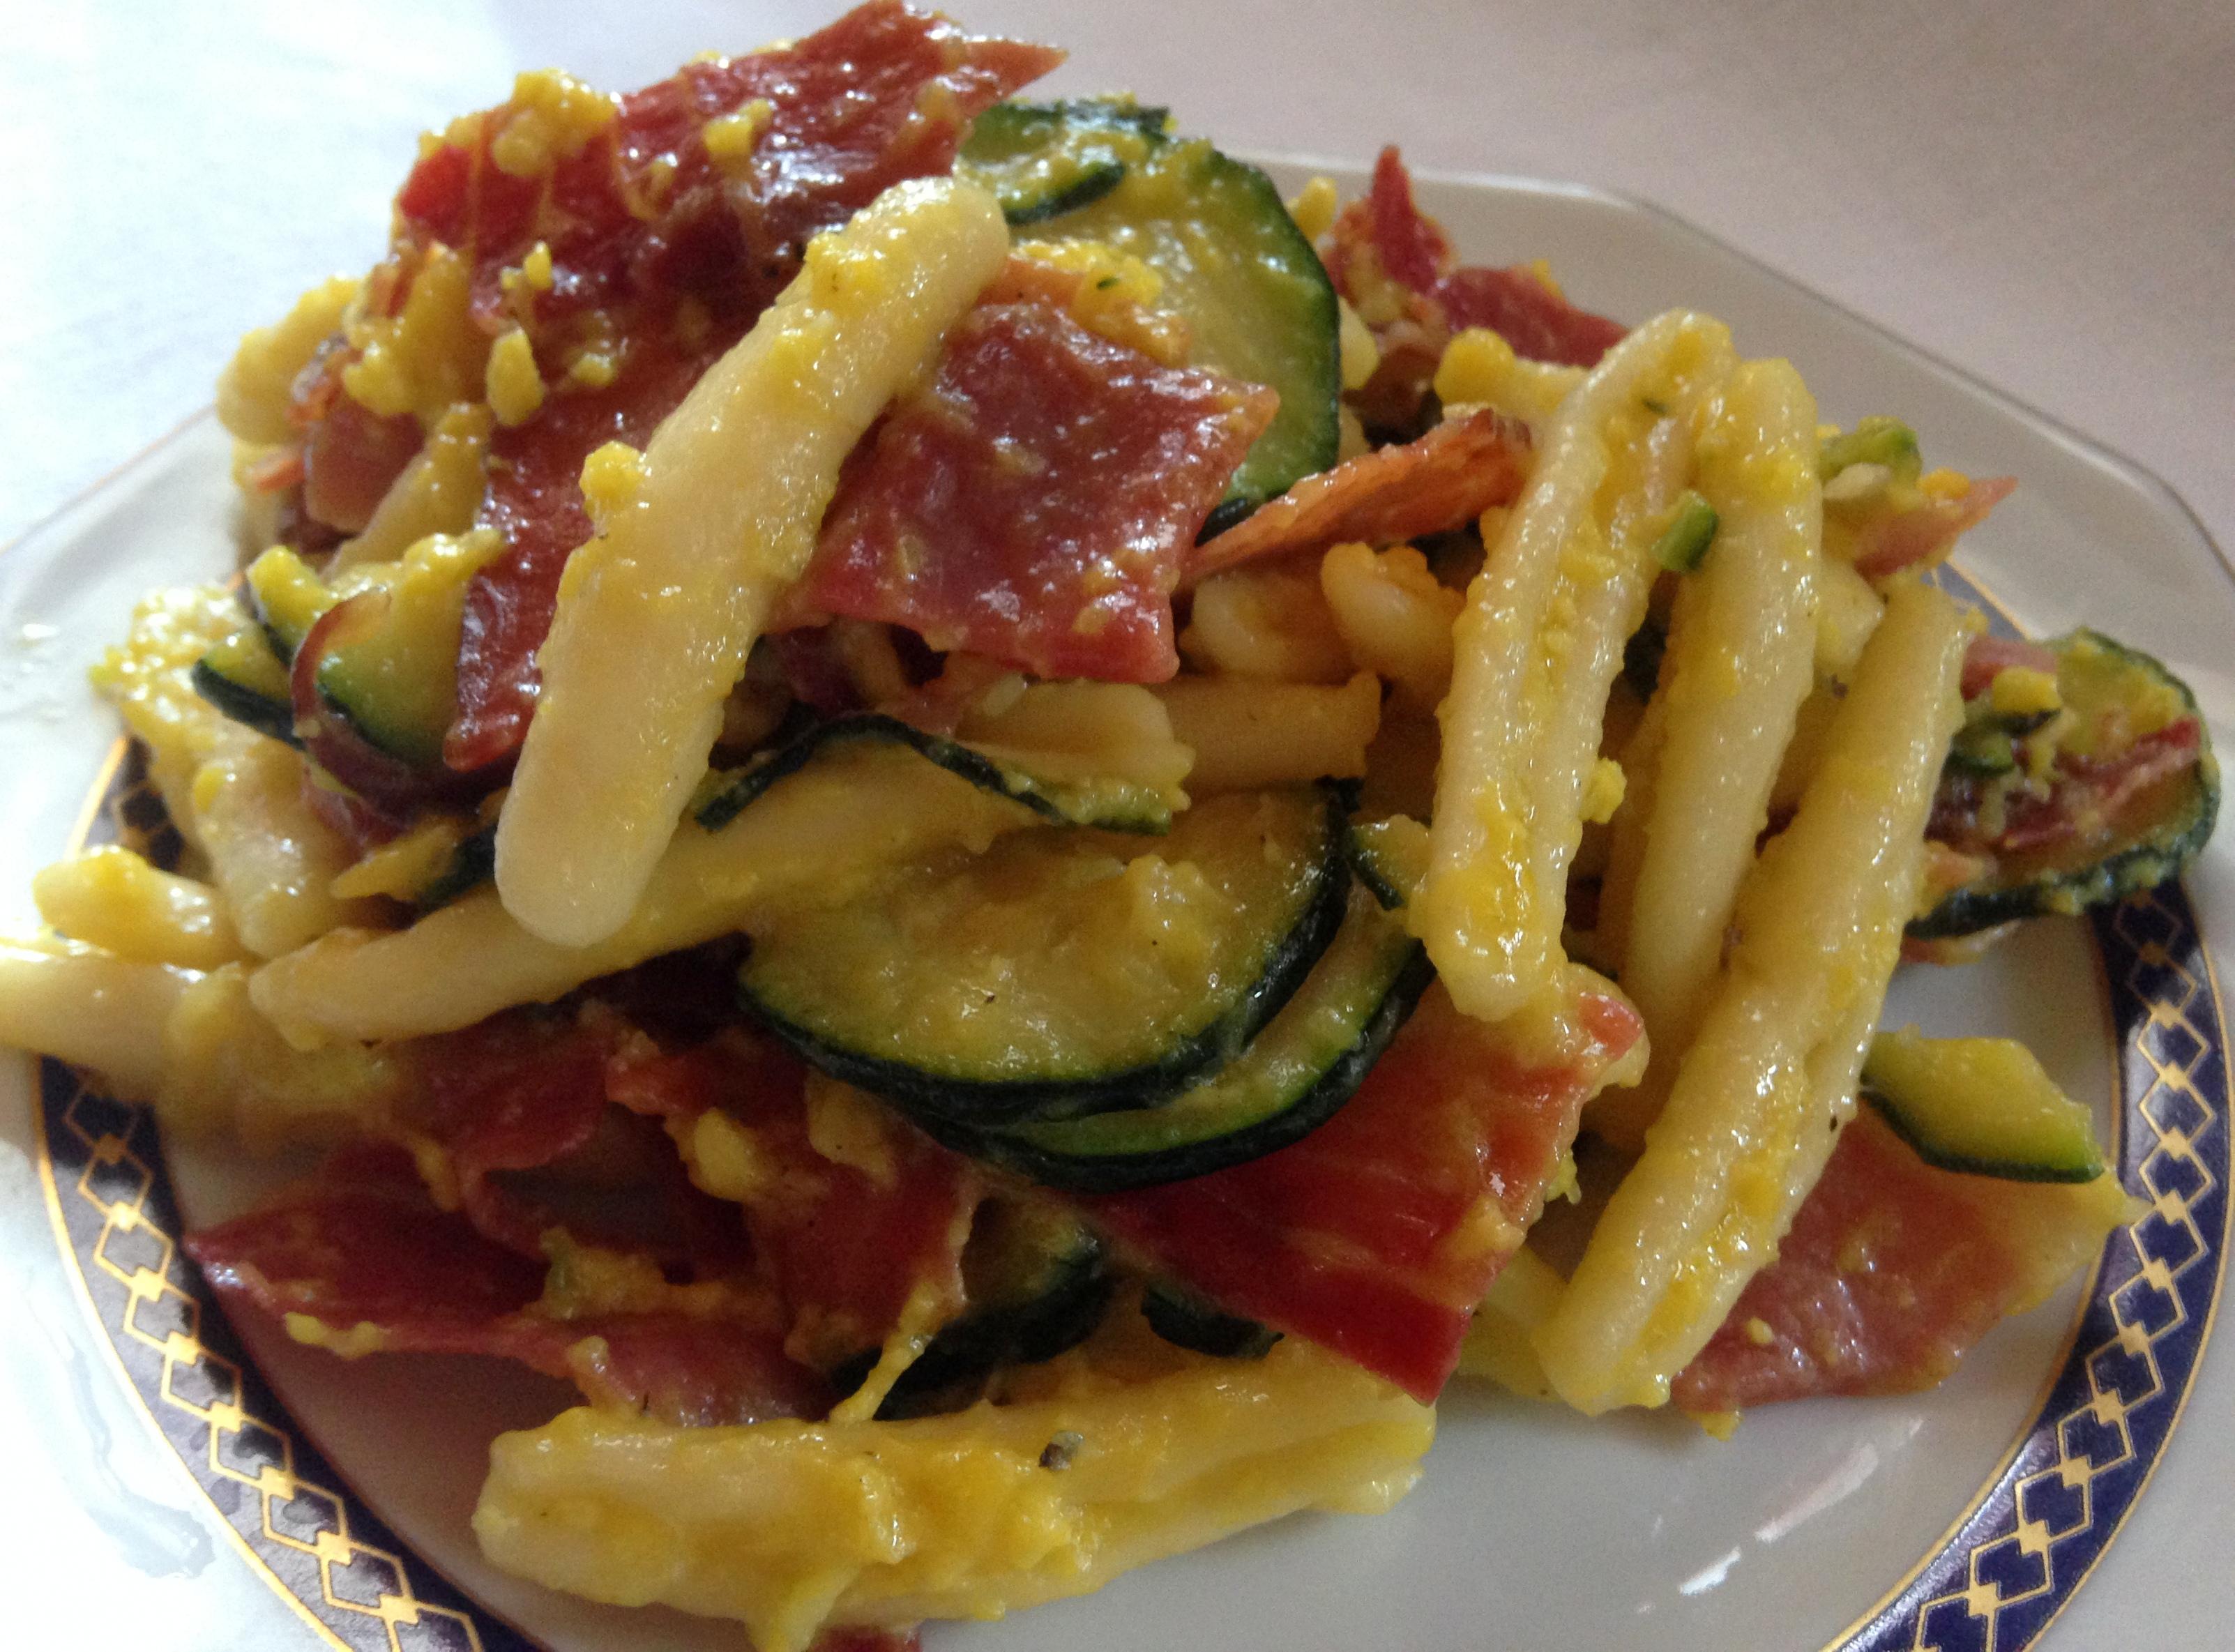 Caserecce alla Crema di Uovo con Zucchine e Prosciutto Crudo